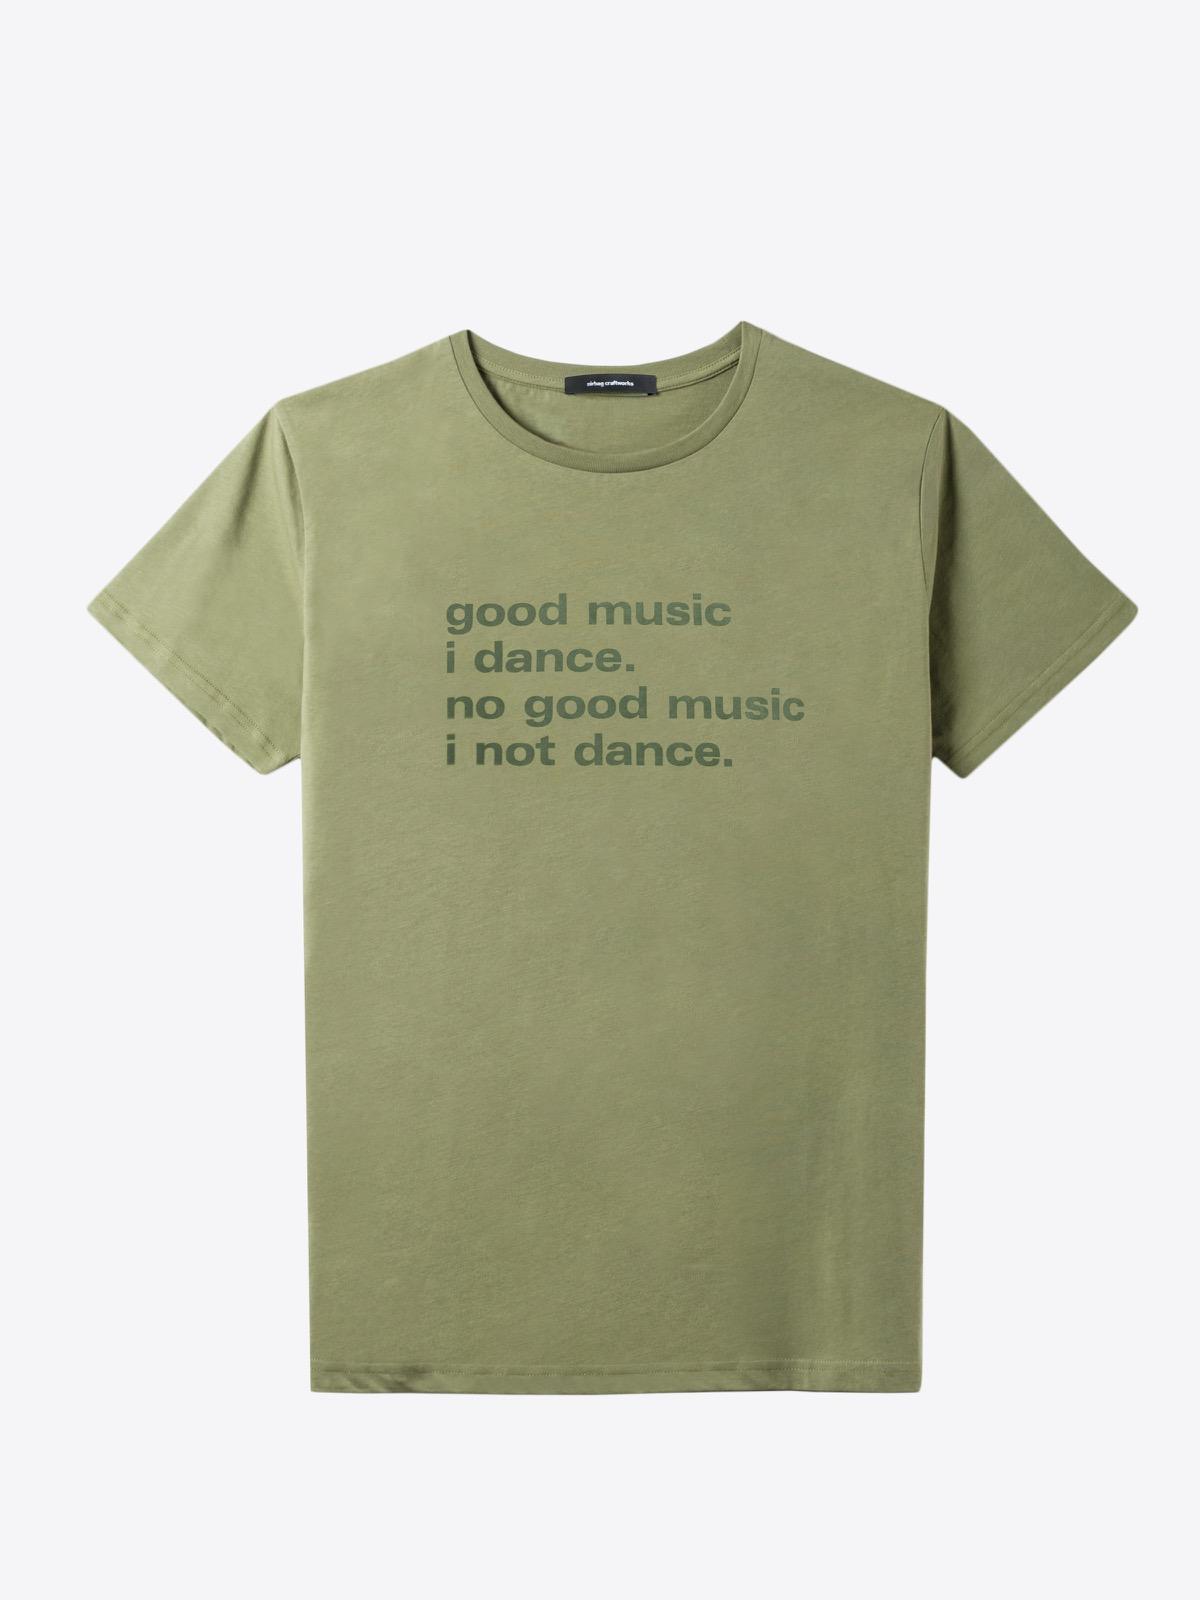 airbag craftworks  good music i dance   olive